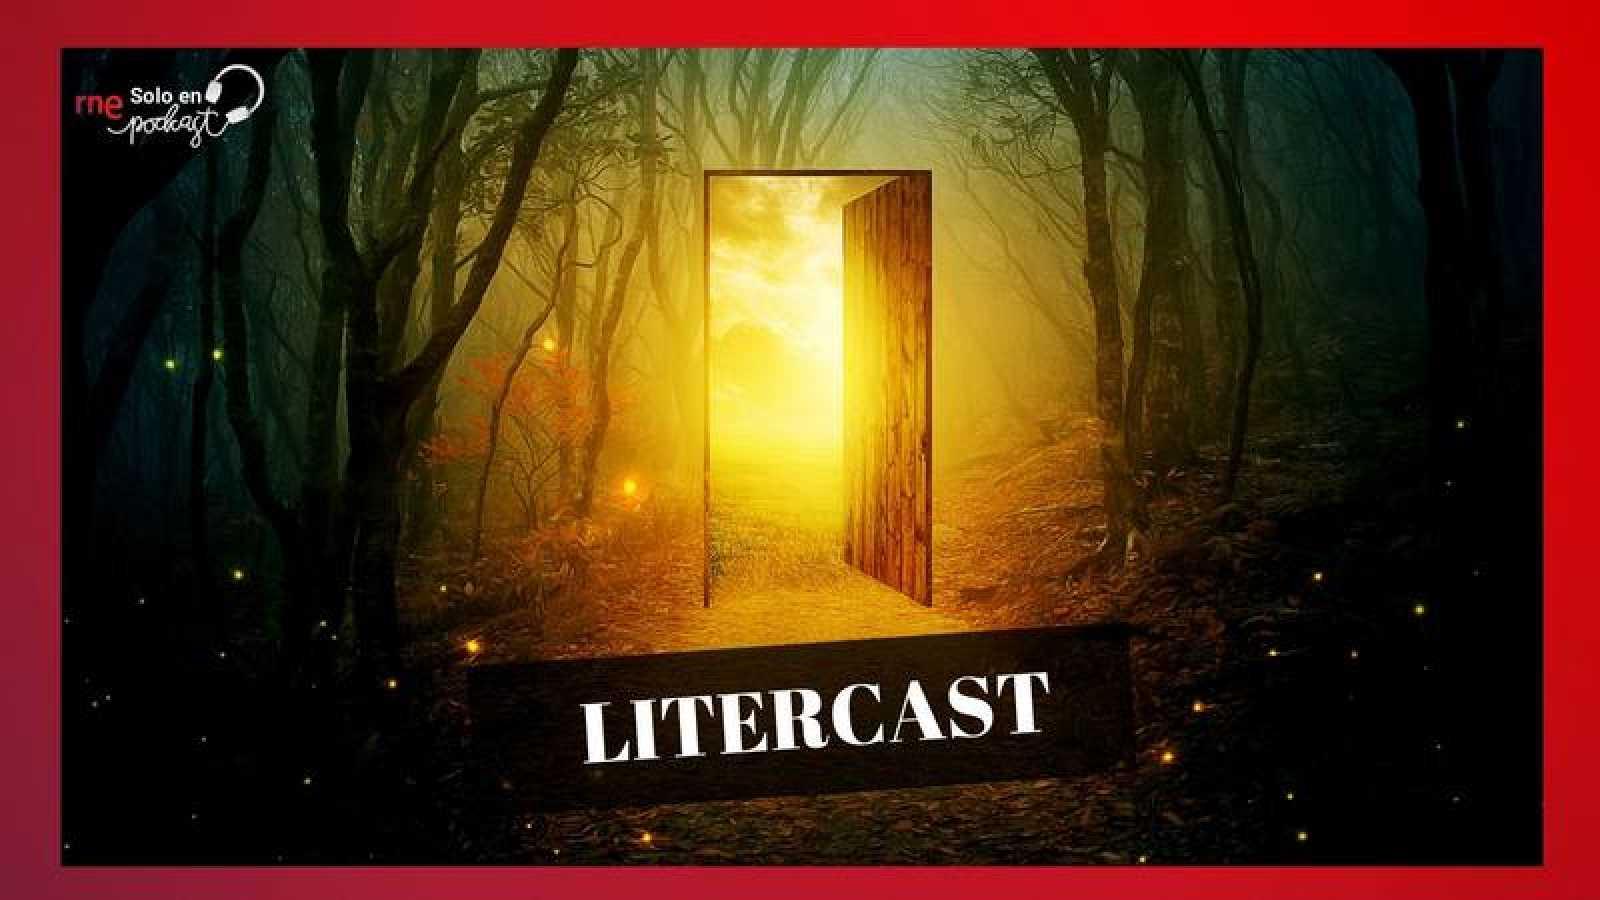 Descubre estos cinco cuentos llenos de fantasía de 'LiterCast'.